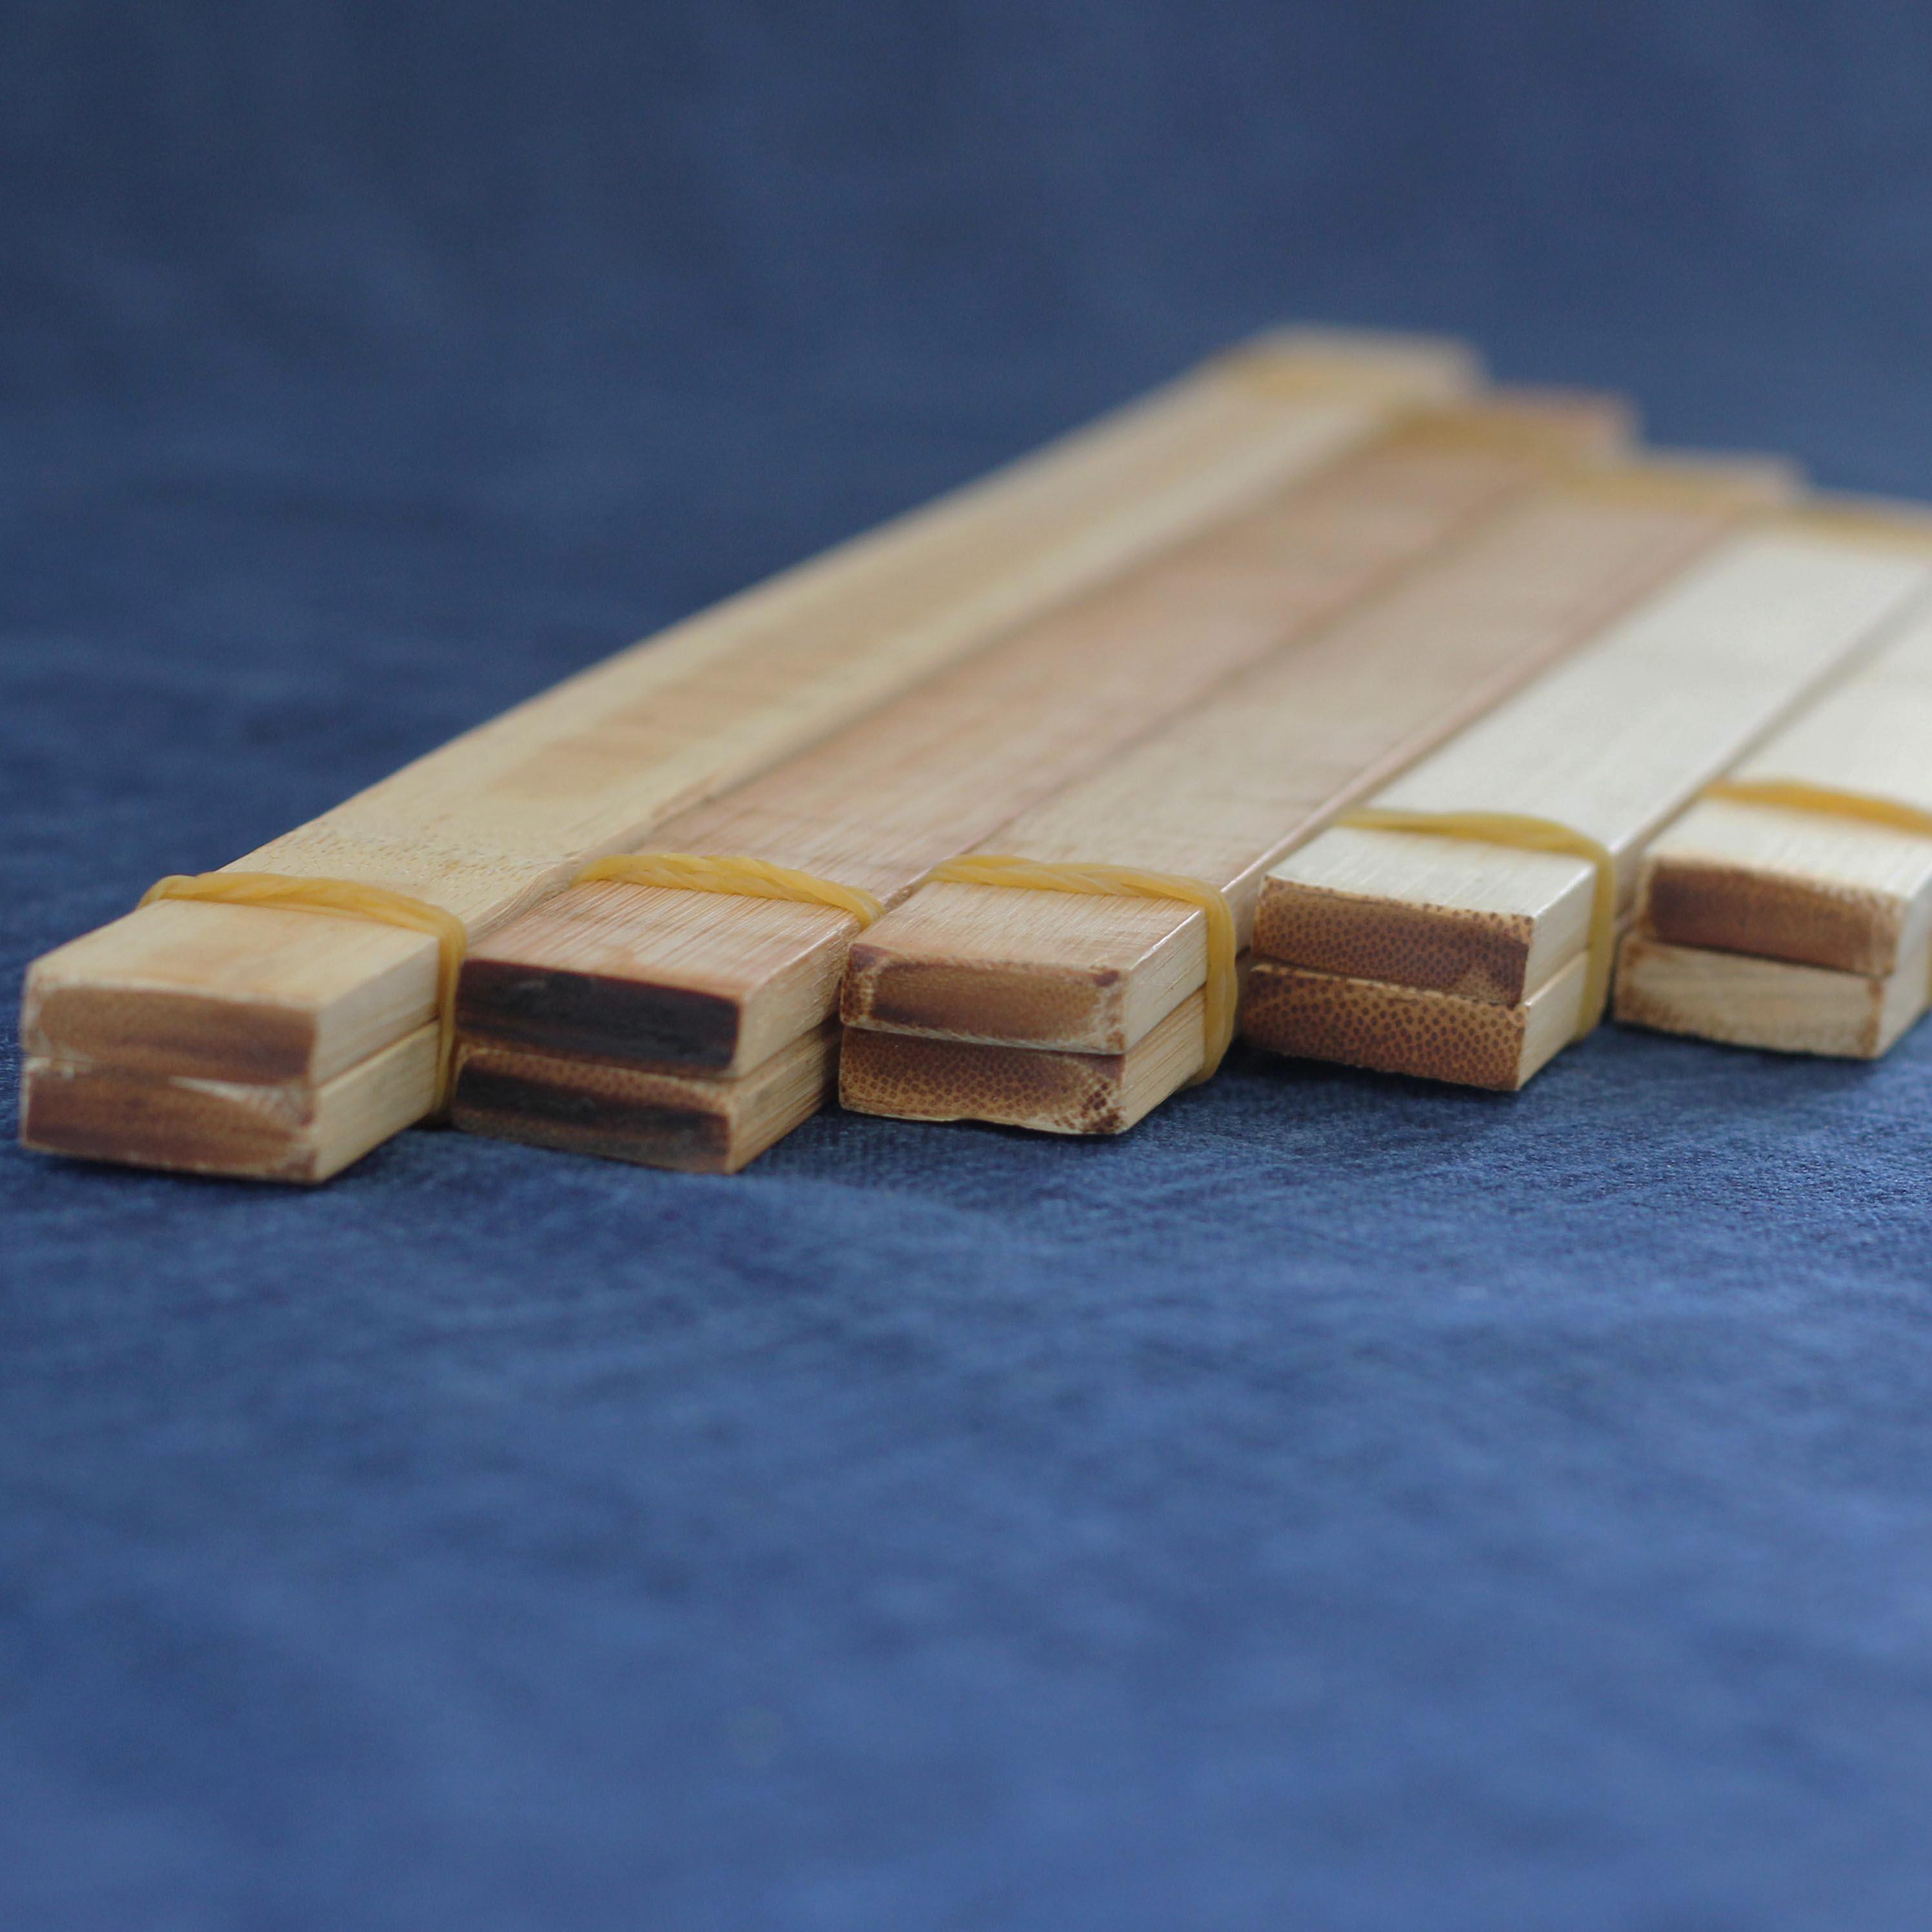 扎染夹染工具夹板 植物草木染DIY染色用品 手工体验课